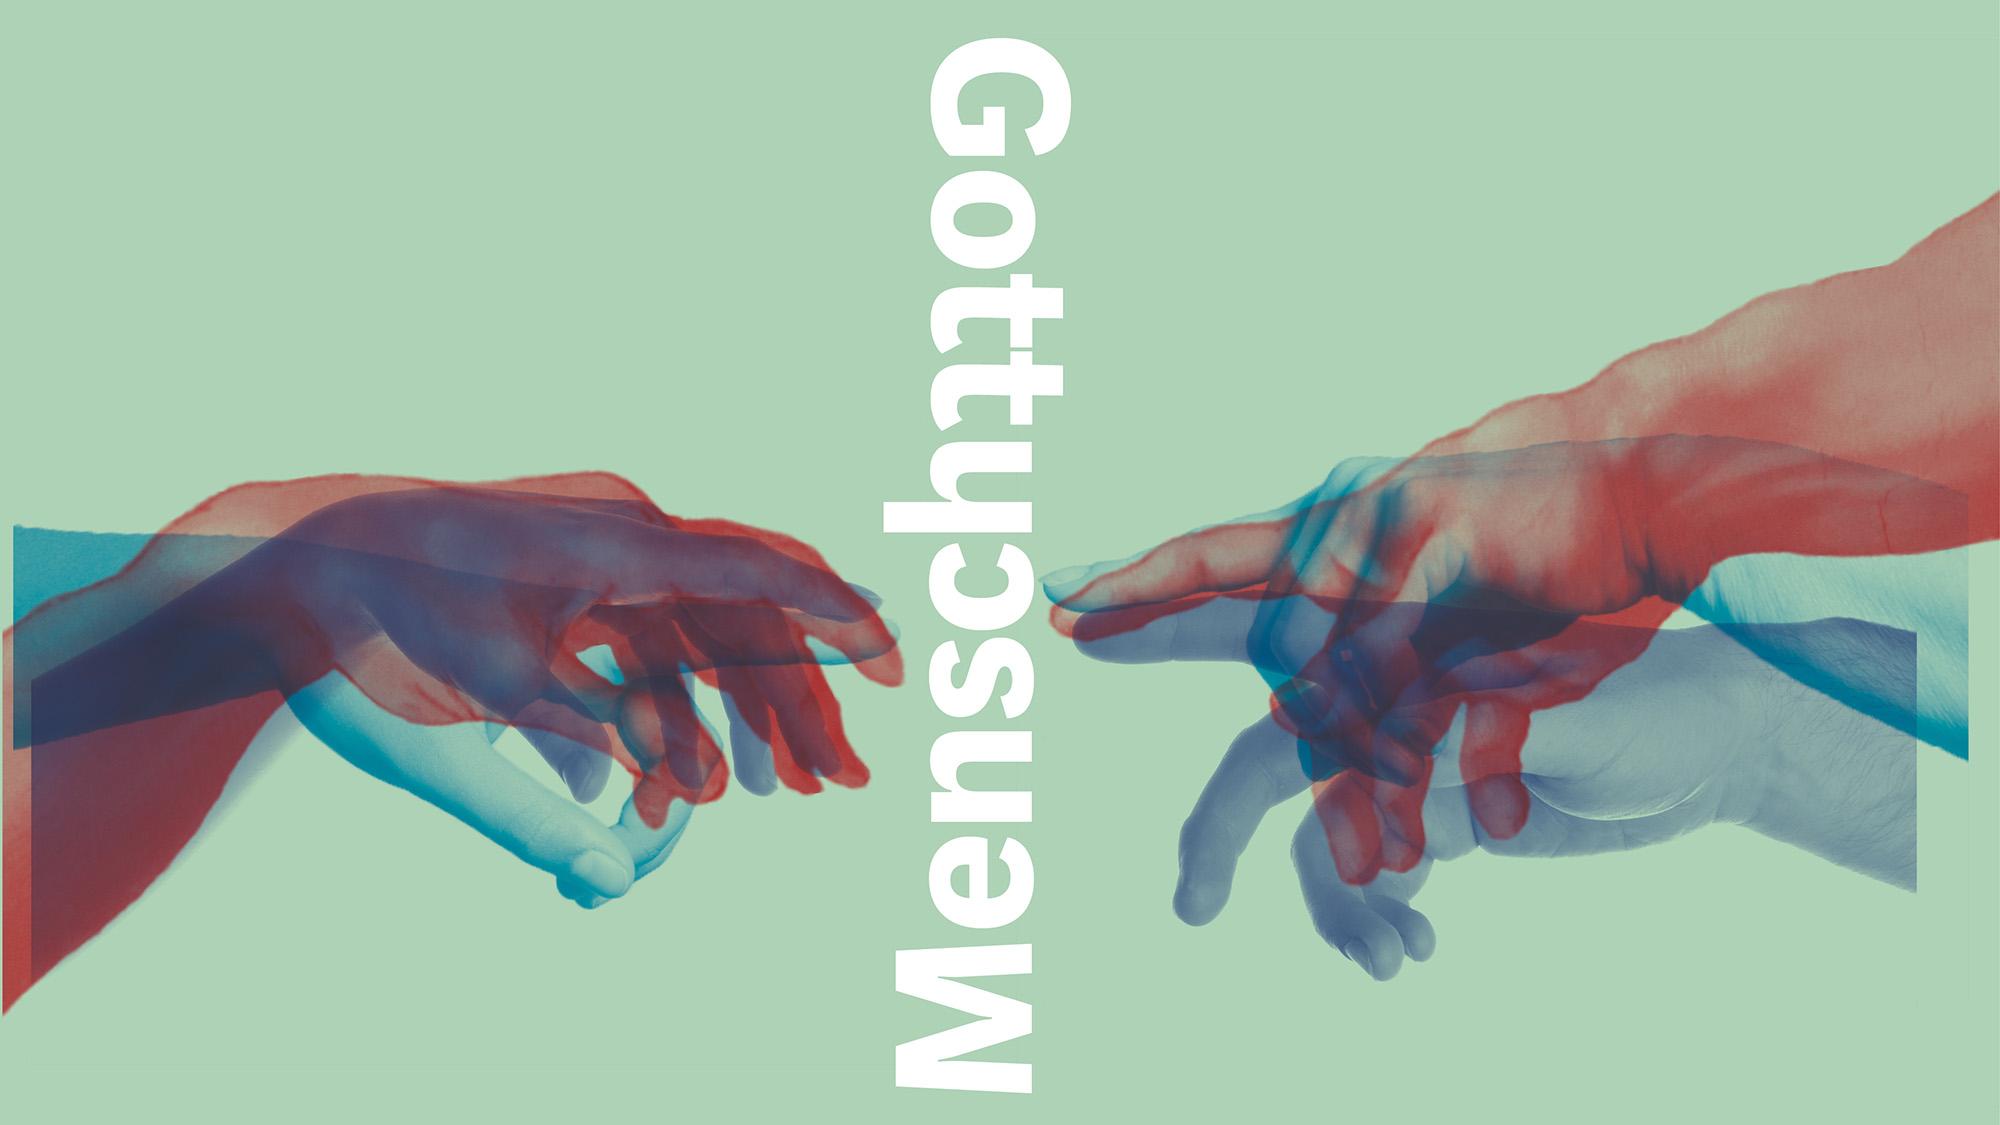 #10: Gott-Mensch